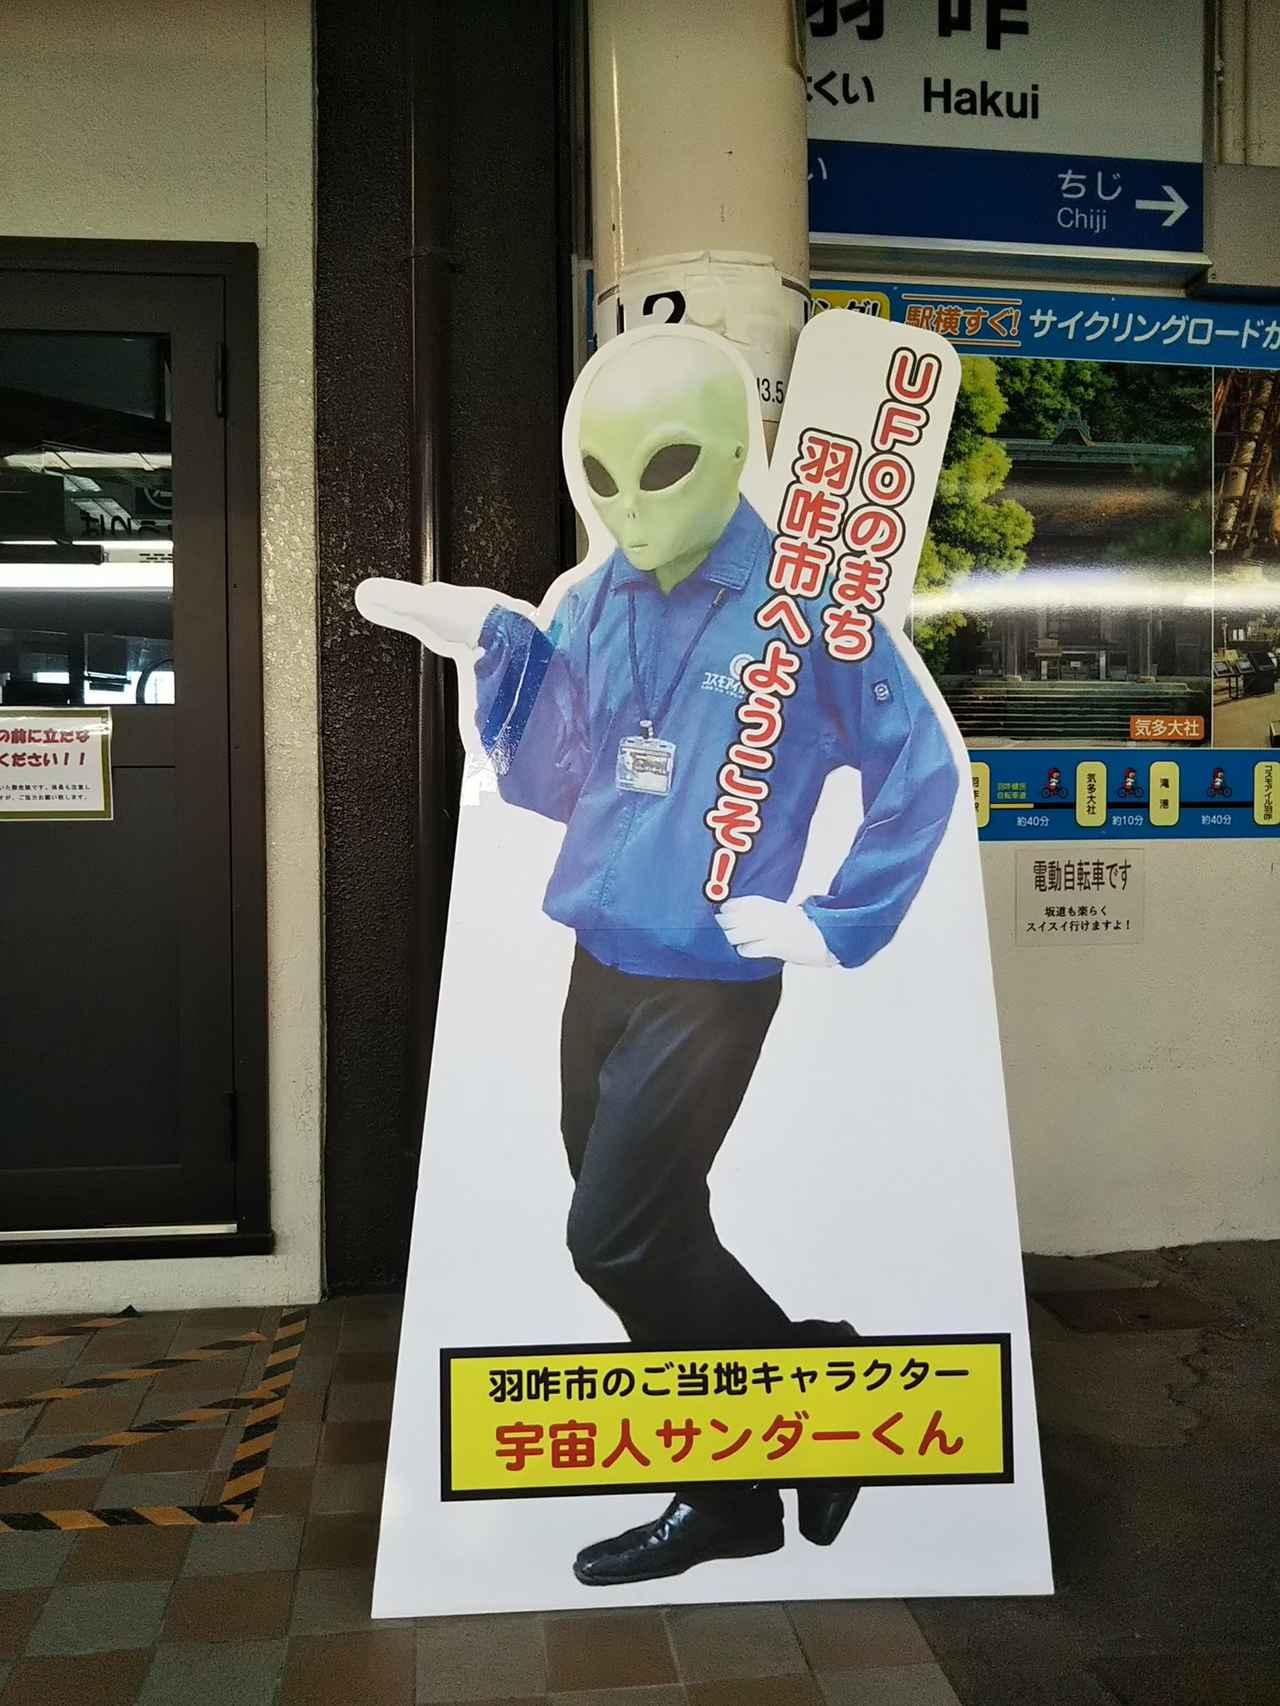 画像: そこら中に宇宙人が。 ご当地キャラクターが、ぬいぐるみとかじゃなくて、宇宙人サンダーくん! 下、人間?